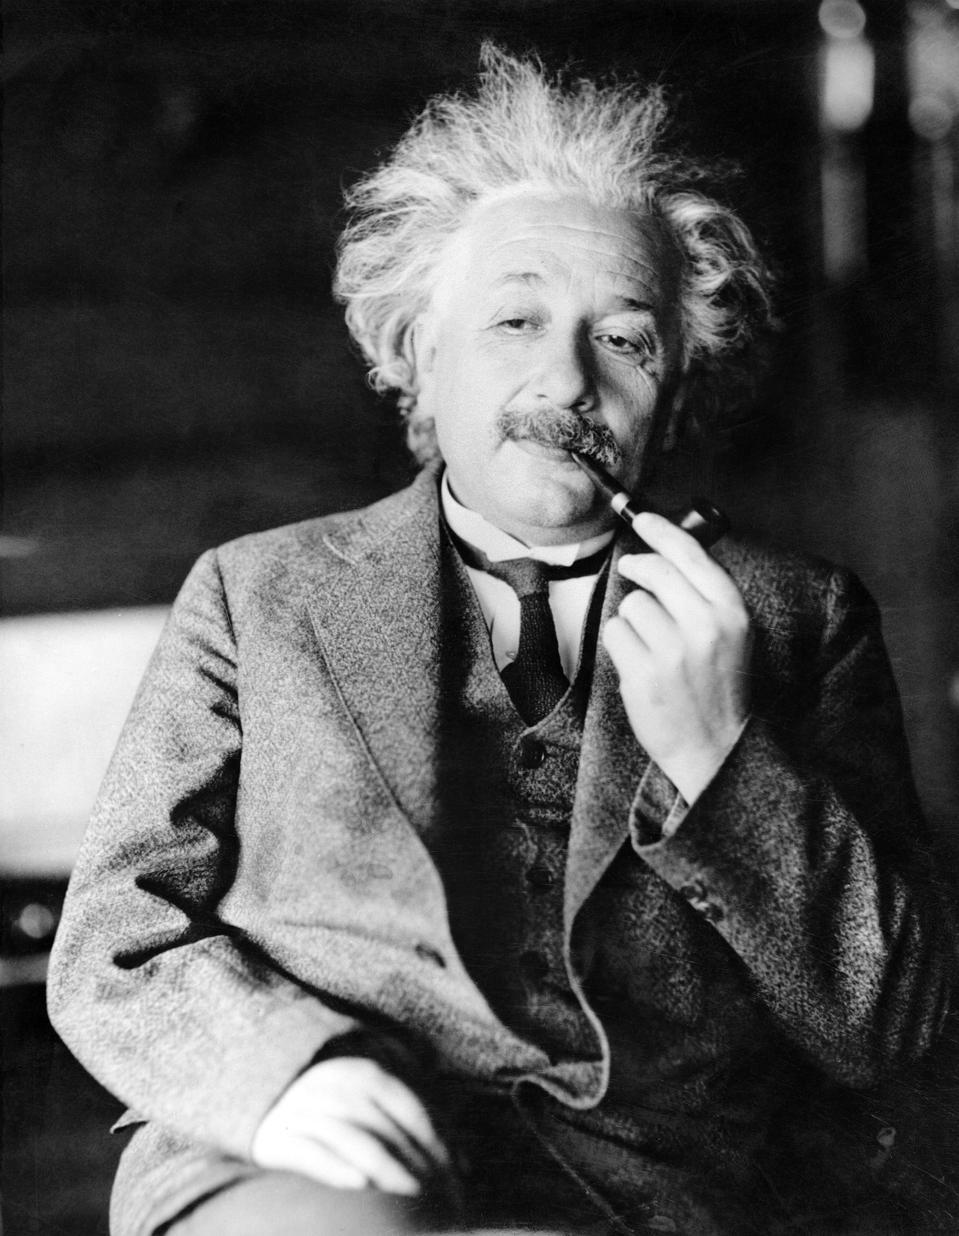 Lesson From Einstein: Genius Needs Perseverance